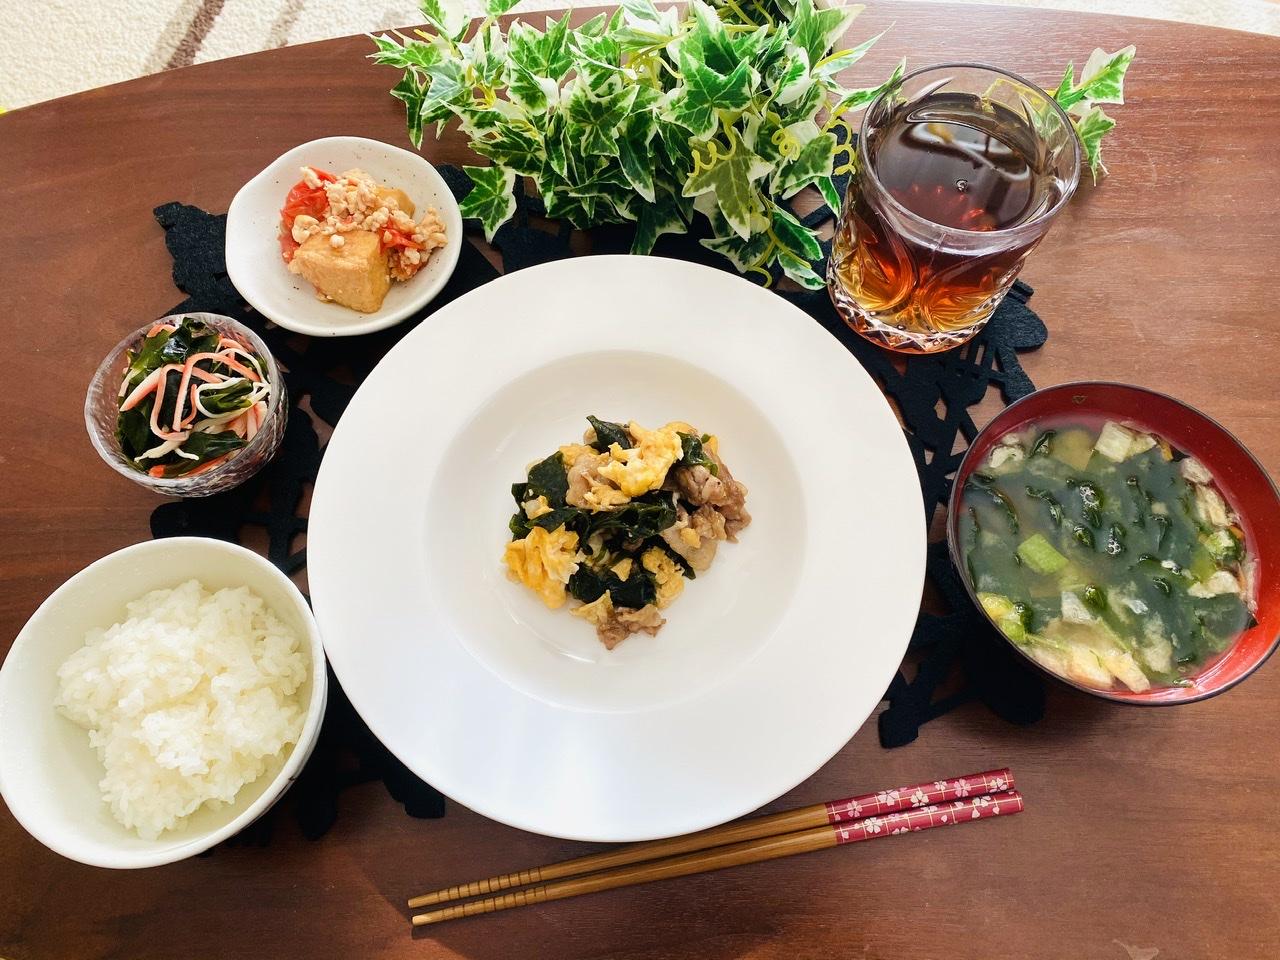 【今月のお家ごはん】アラサー女子の食卓!作り置きおかずでラク晩ご飯♡-Vol.13-_3